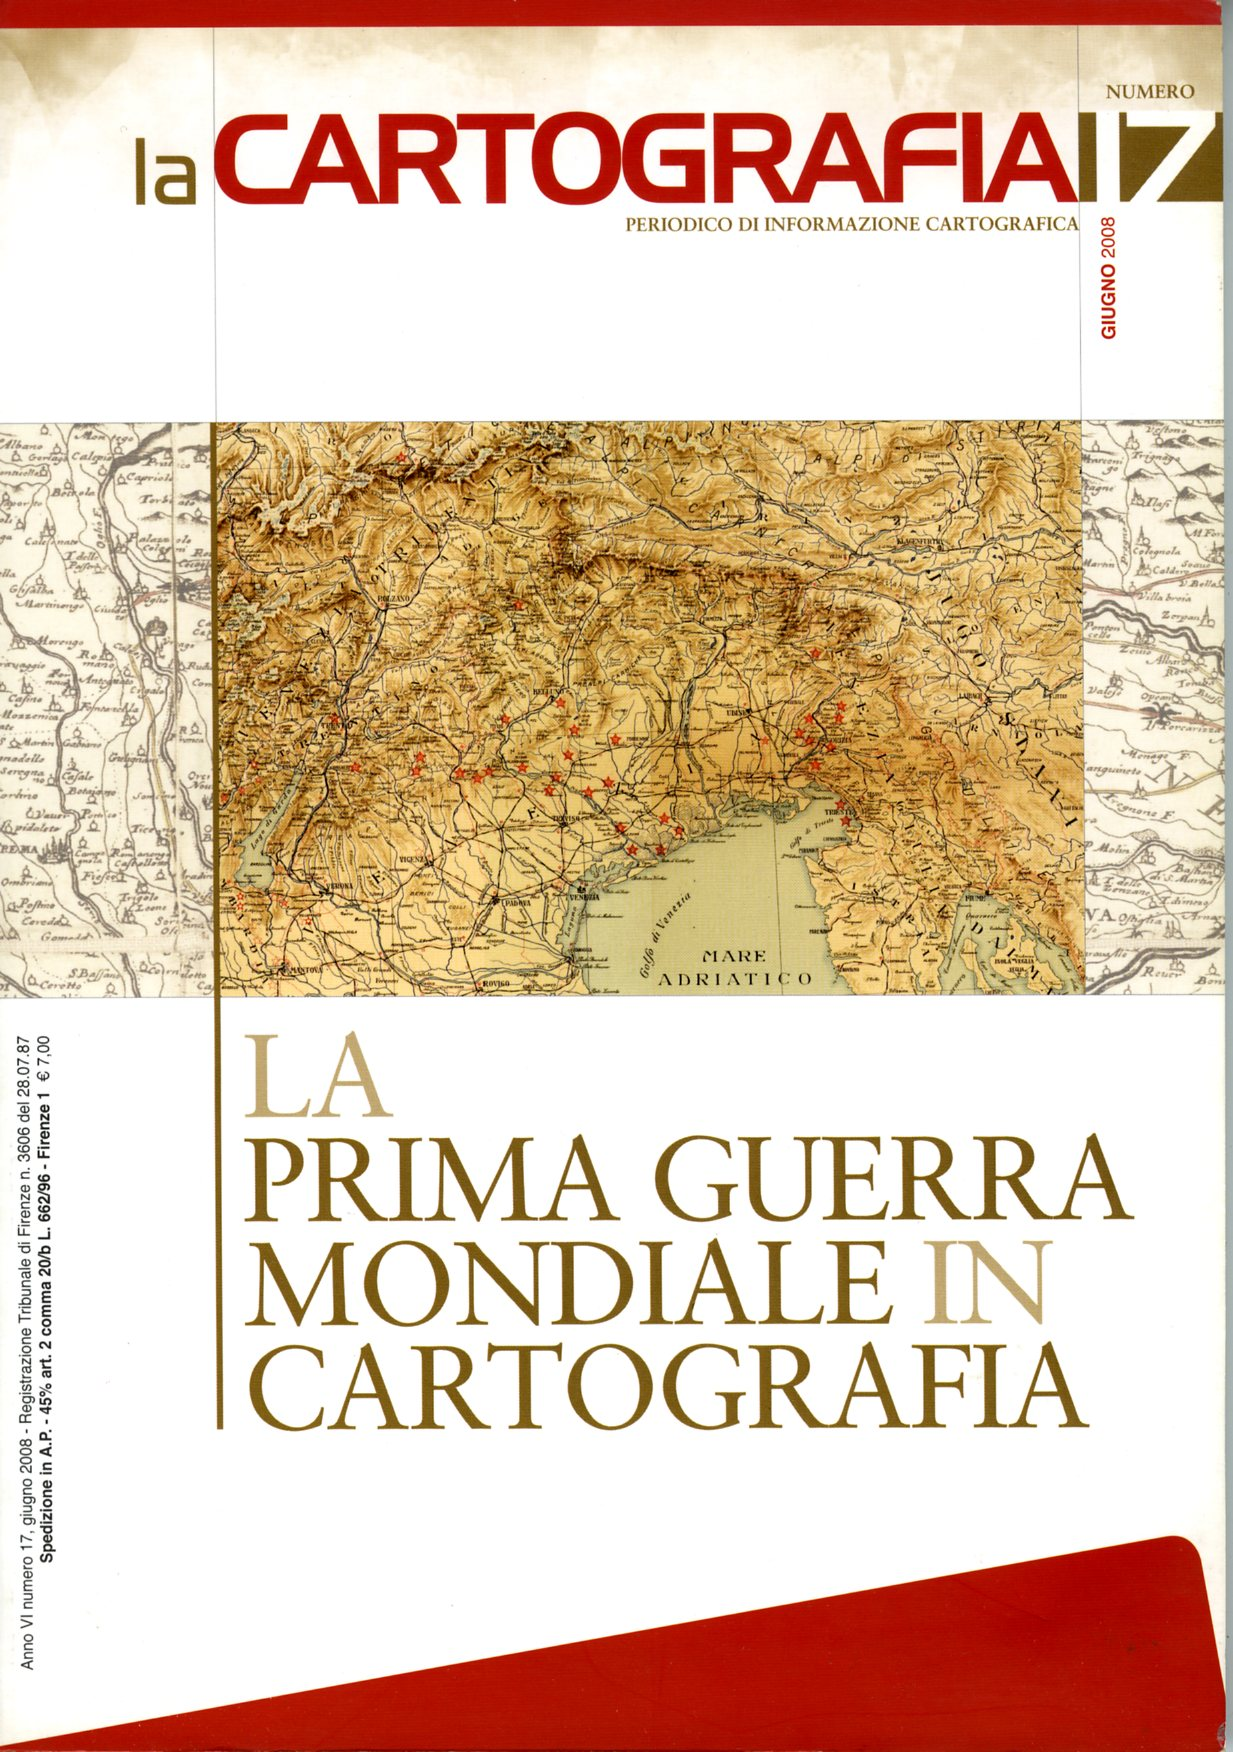 01_-_LIBRO_-_CARTO185